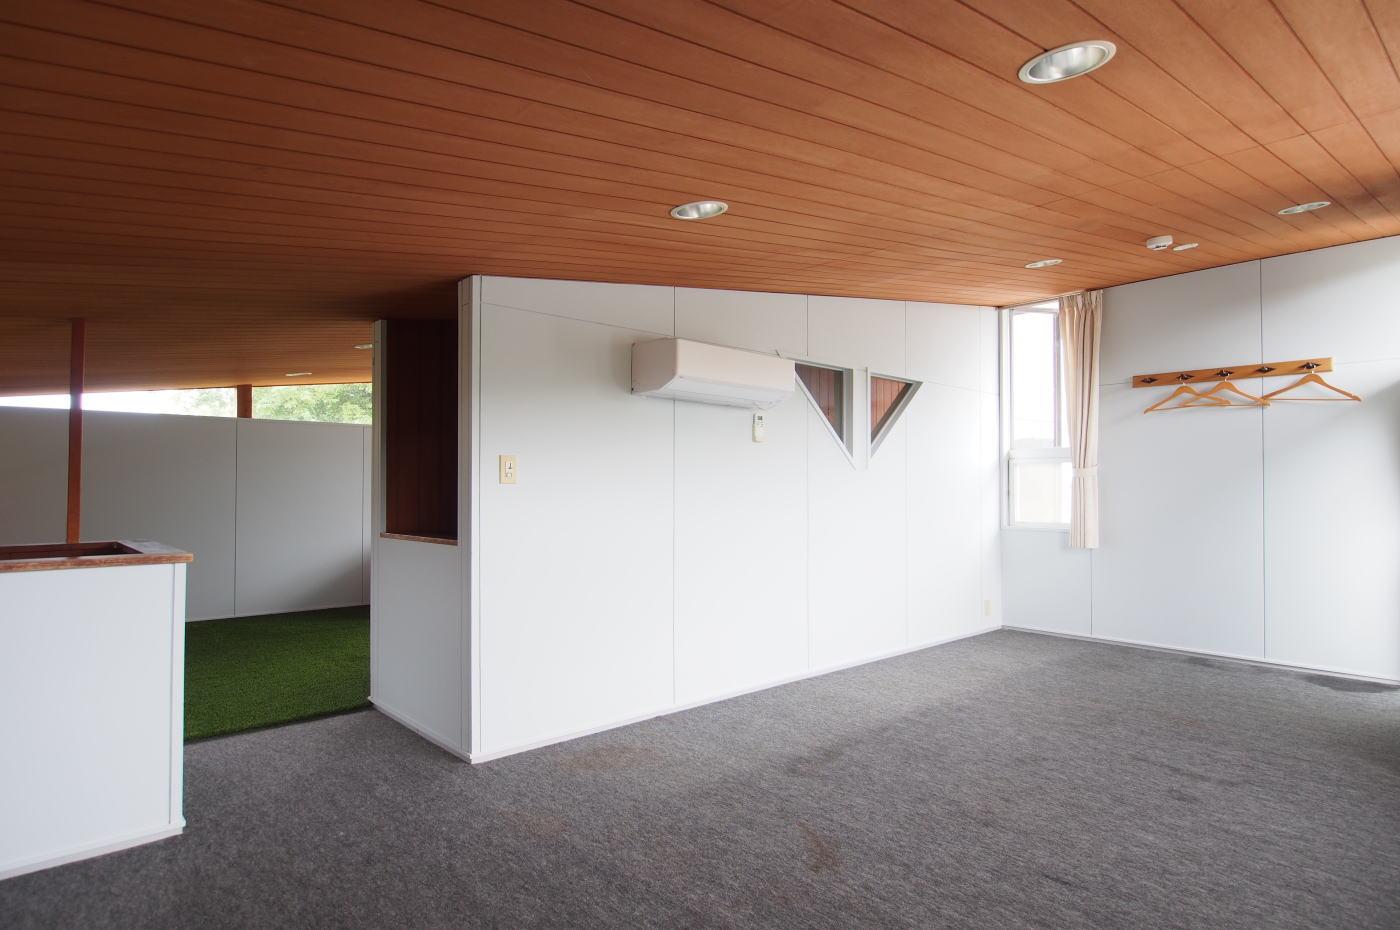 relaxroom-large-08